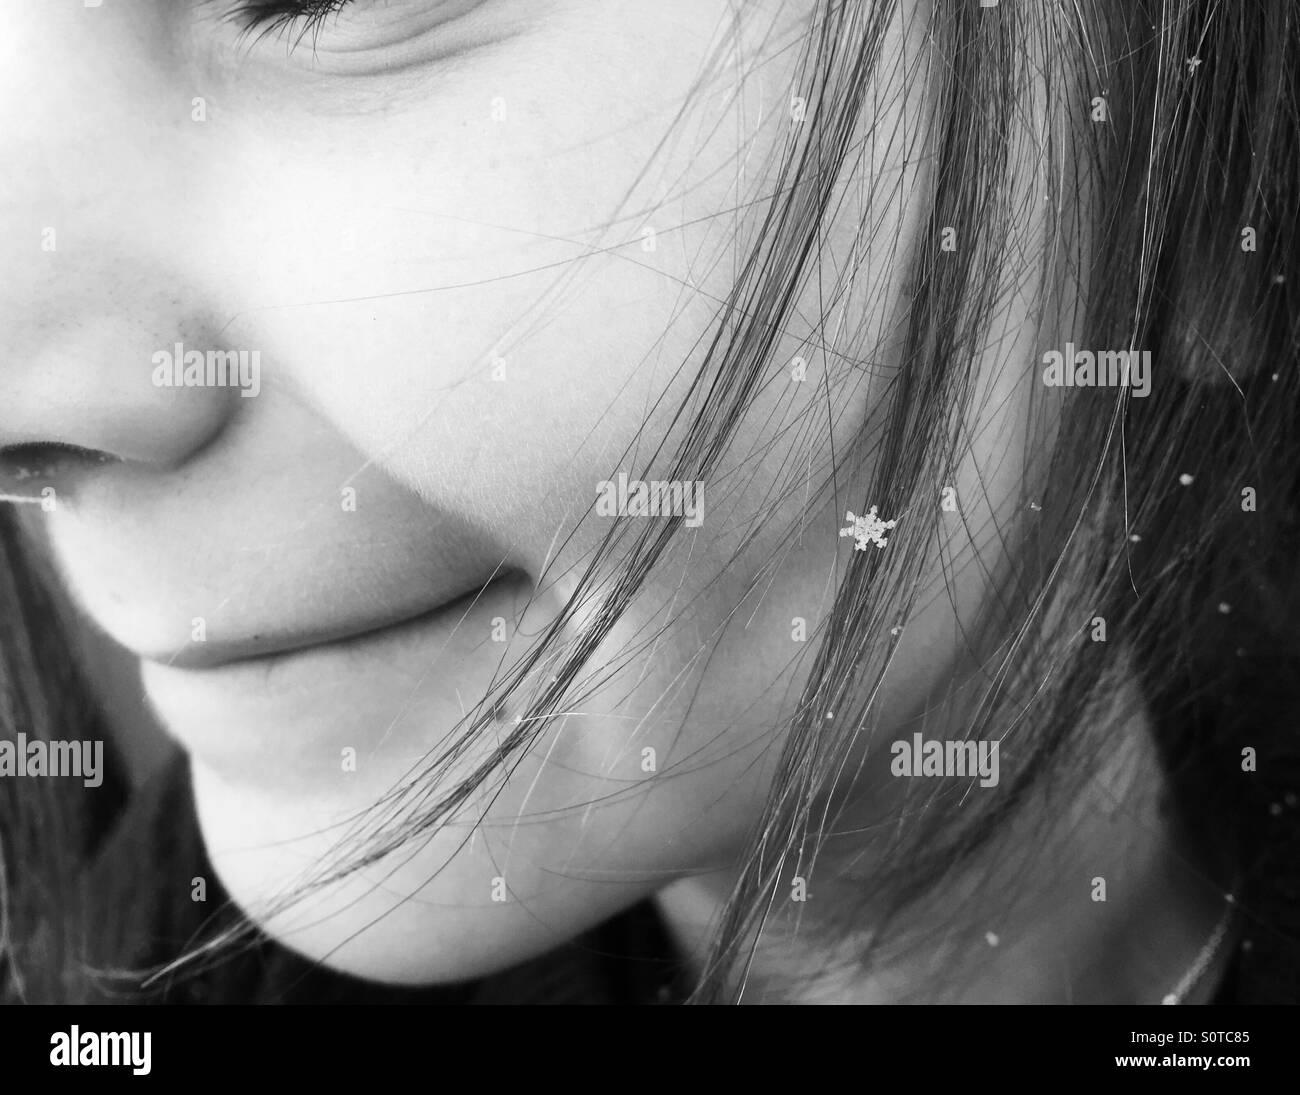 Eine perfekte kleine Schneeflocke in ein junges Mädchen lange Haare. Stockbild